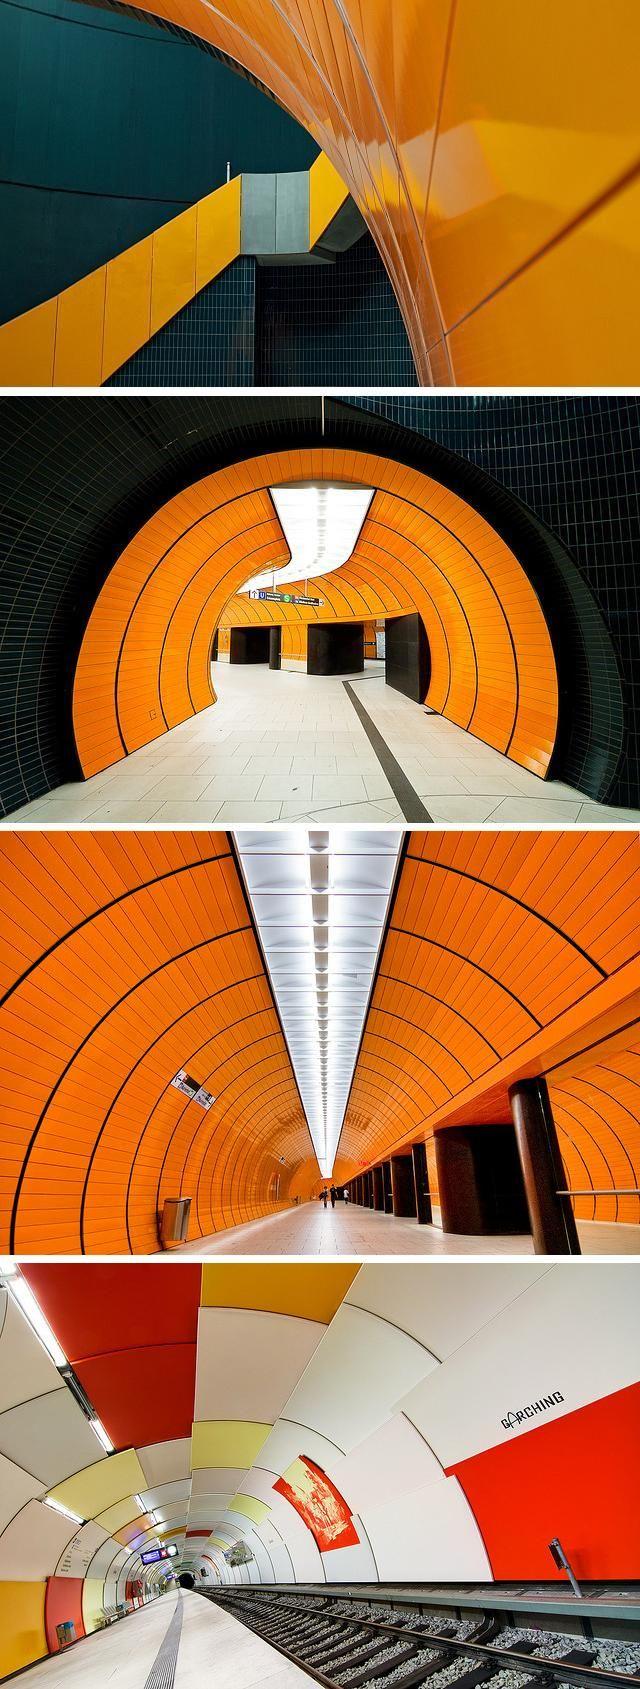 Munich U-Bahn, Marienplatz and Garching stations  _____________________________ Bildgestalter http://www.bildgestalter.net